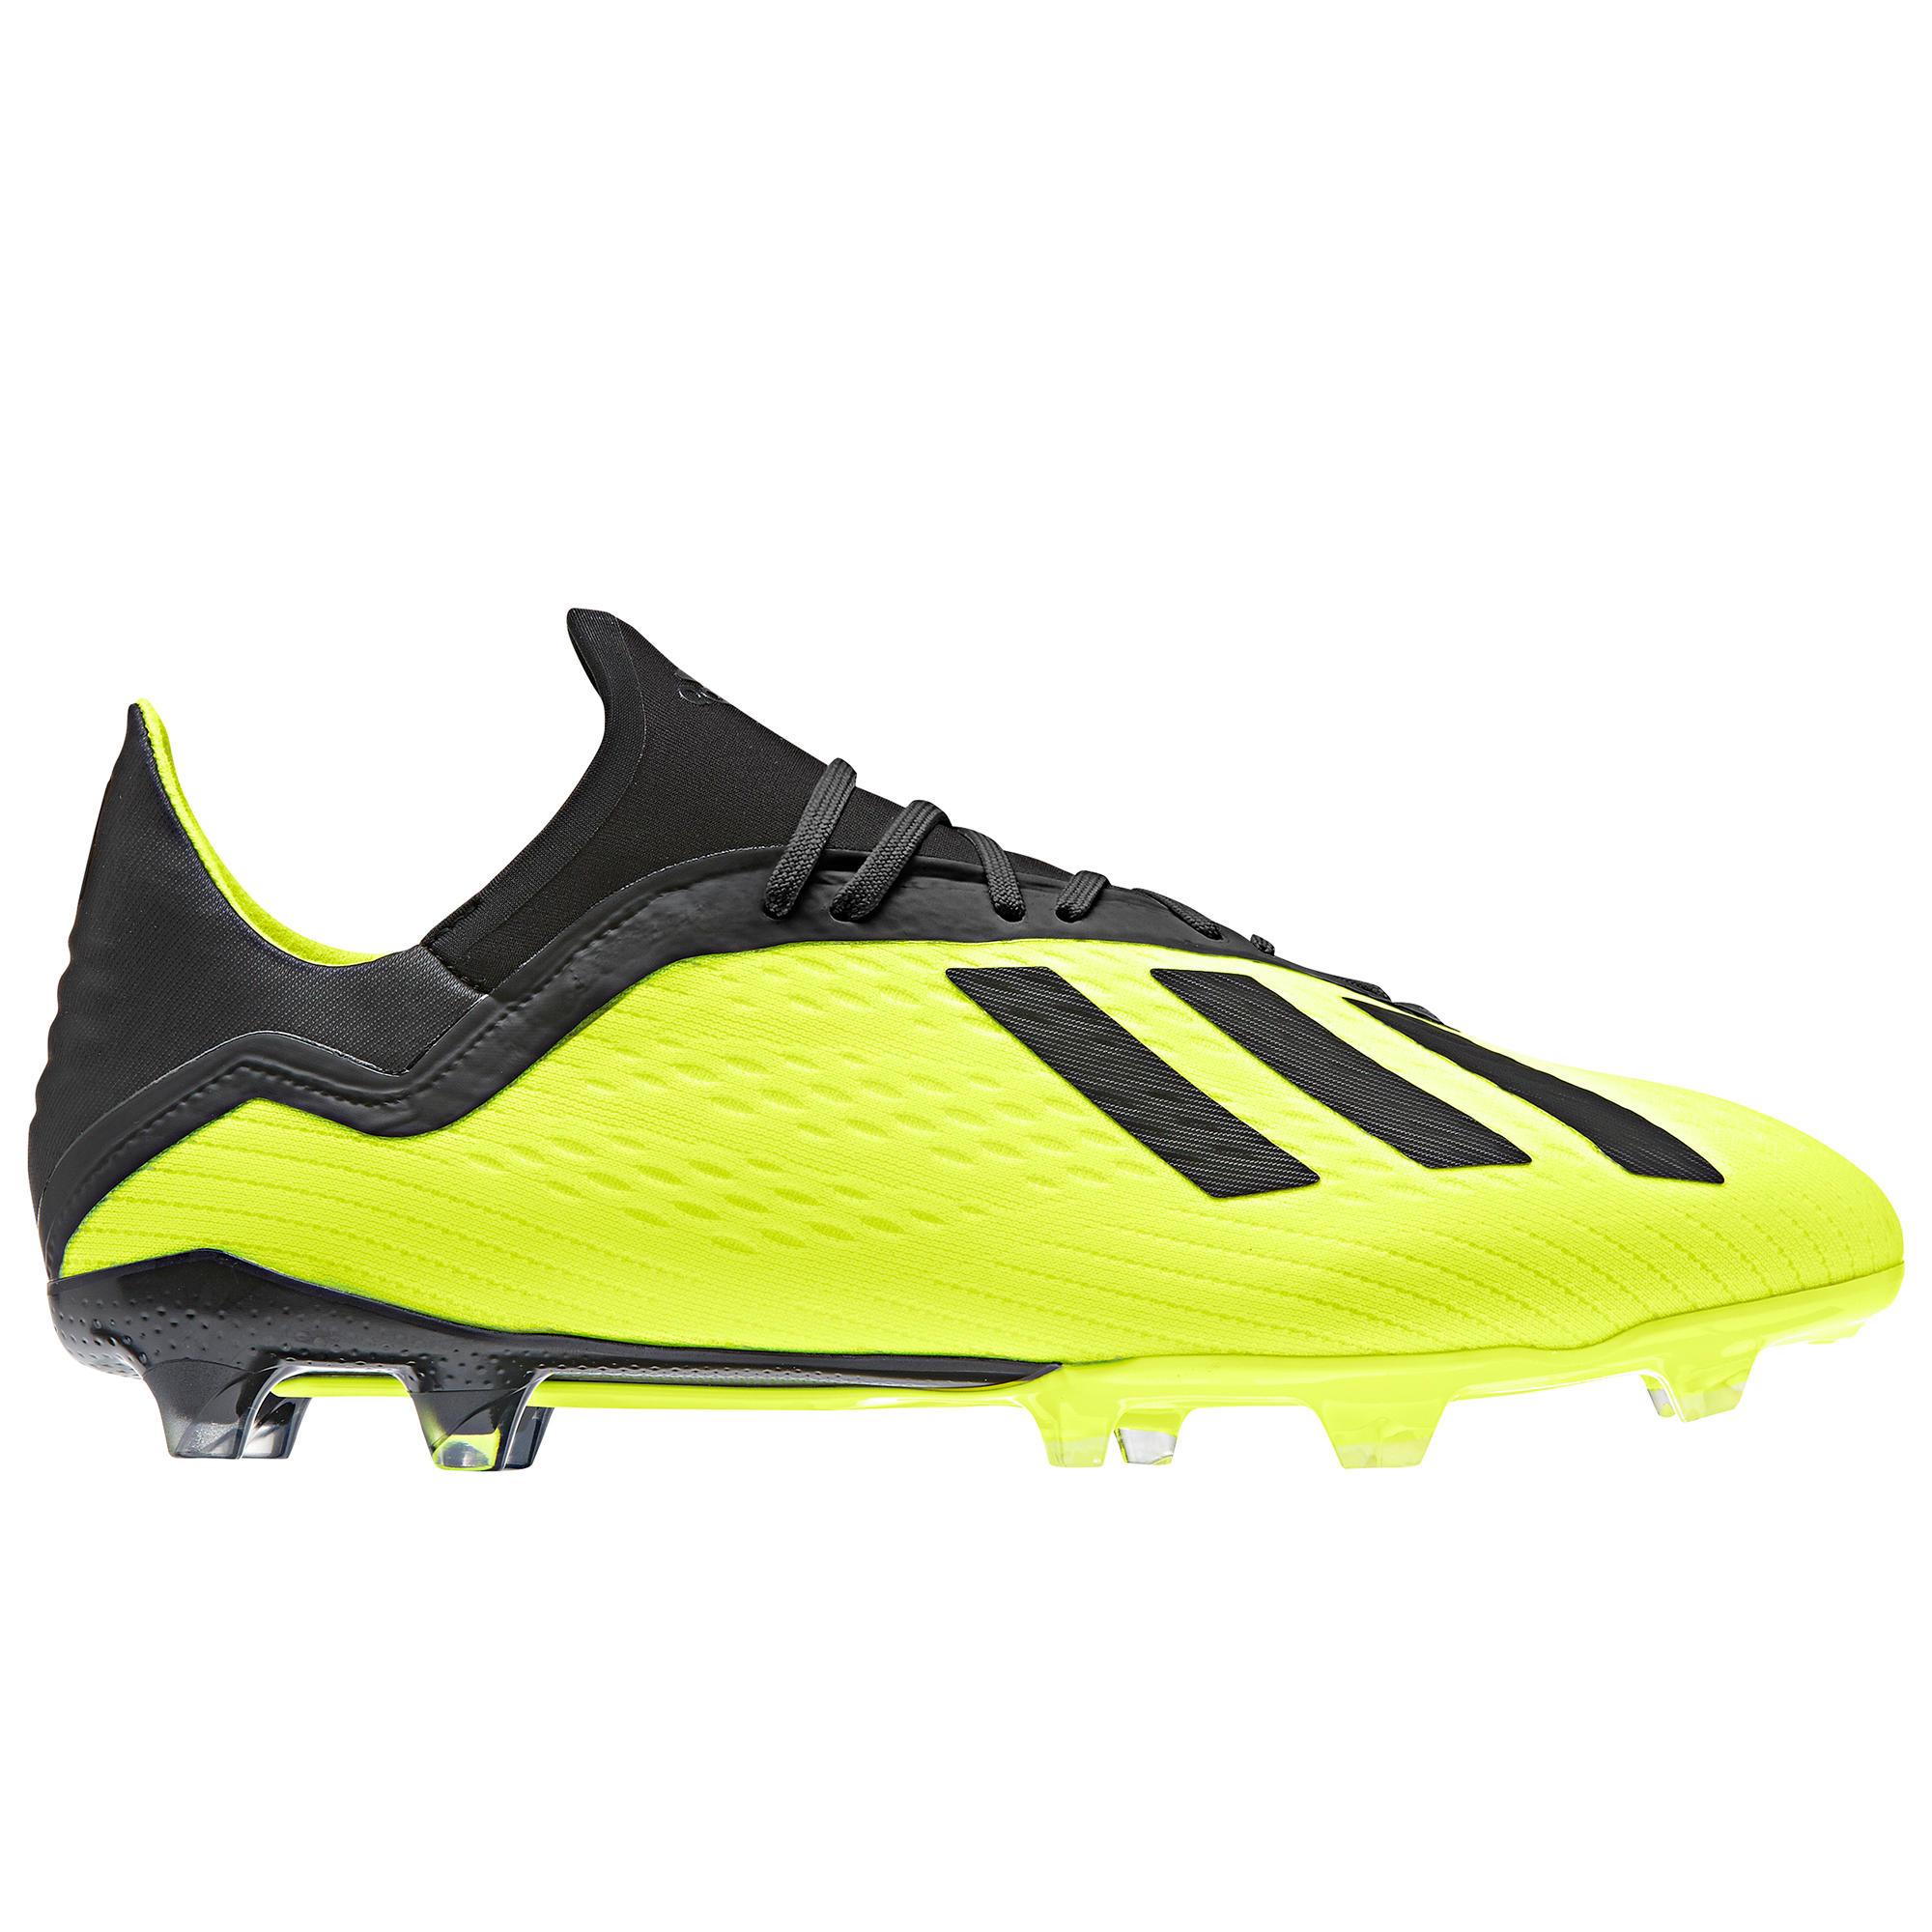 bfba51c23ed1c Comprar Botas de Fútbol Adultos online